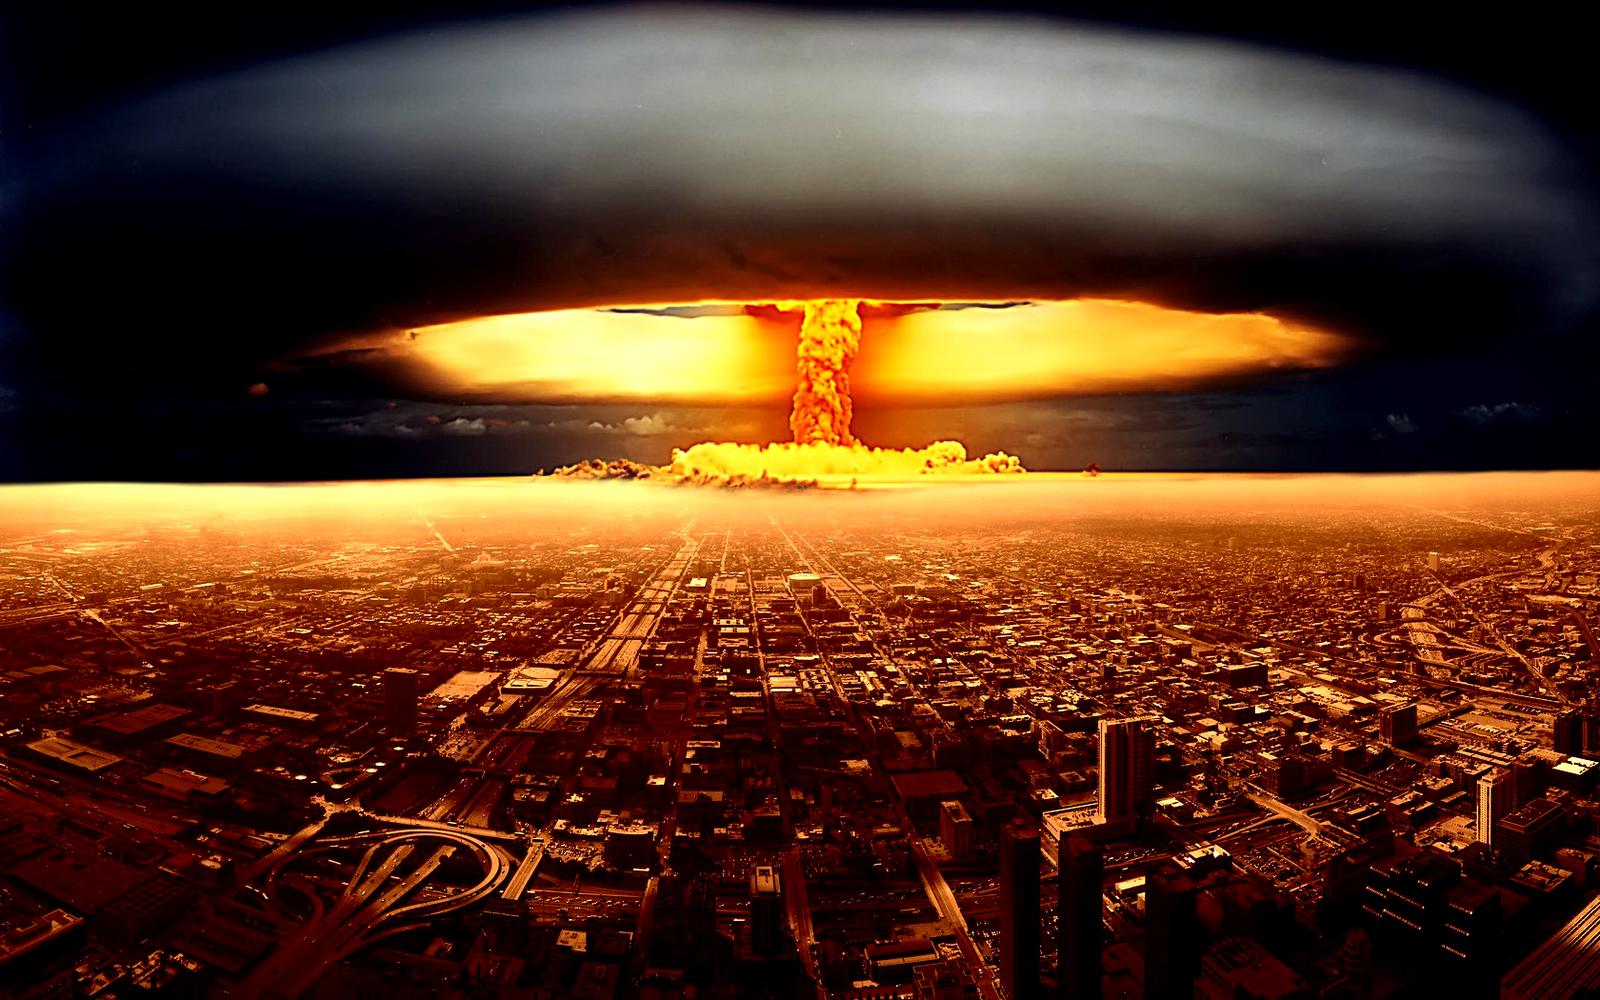 Explosió nuclear en una gran ciutat. El final d'alguna cosa o l'inici creatiu de tot bé i pau?